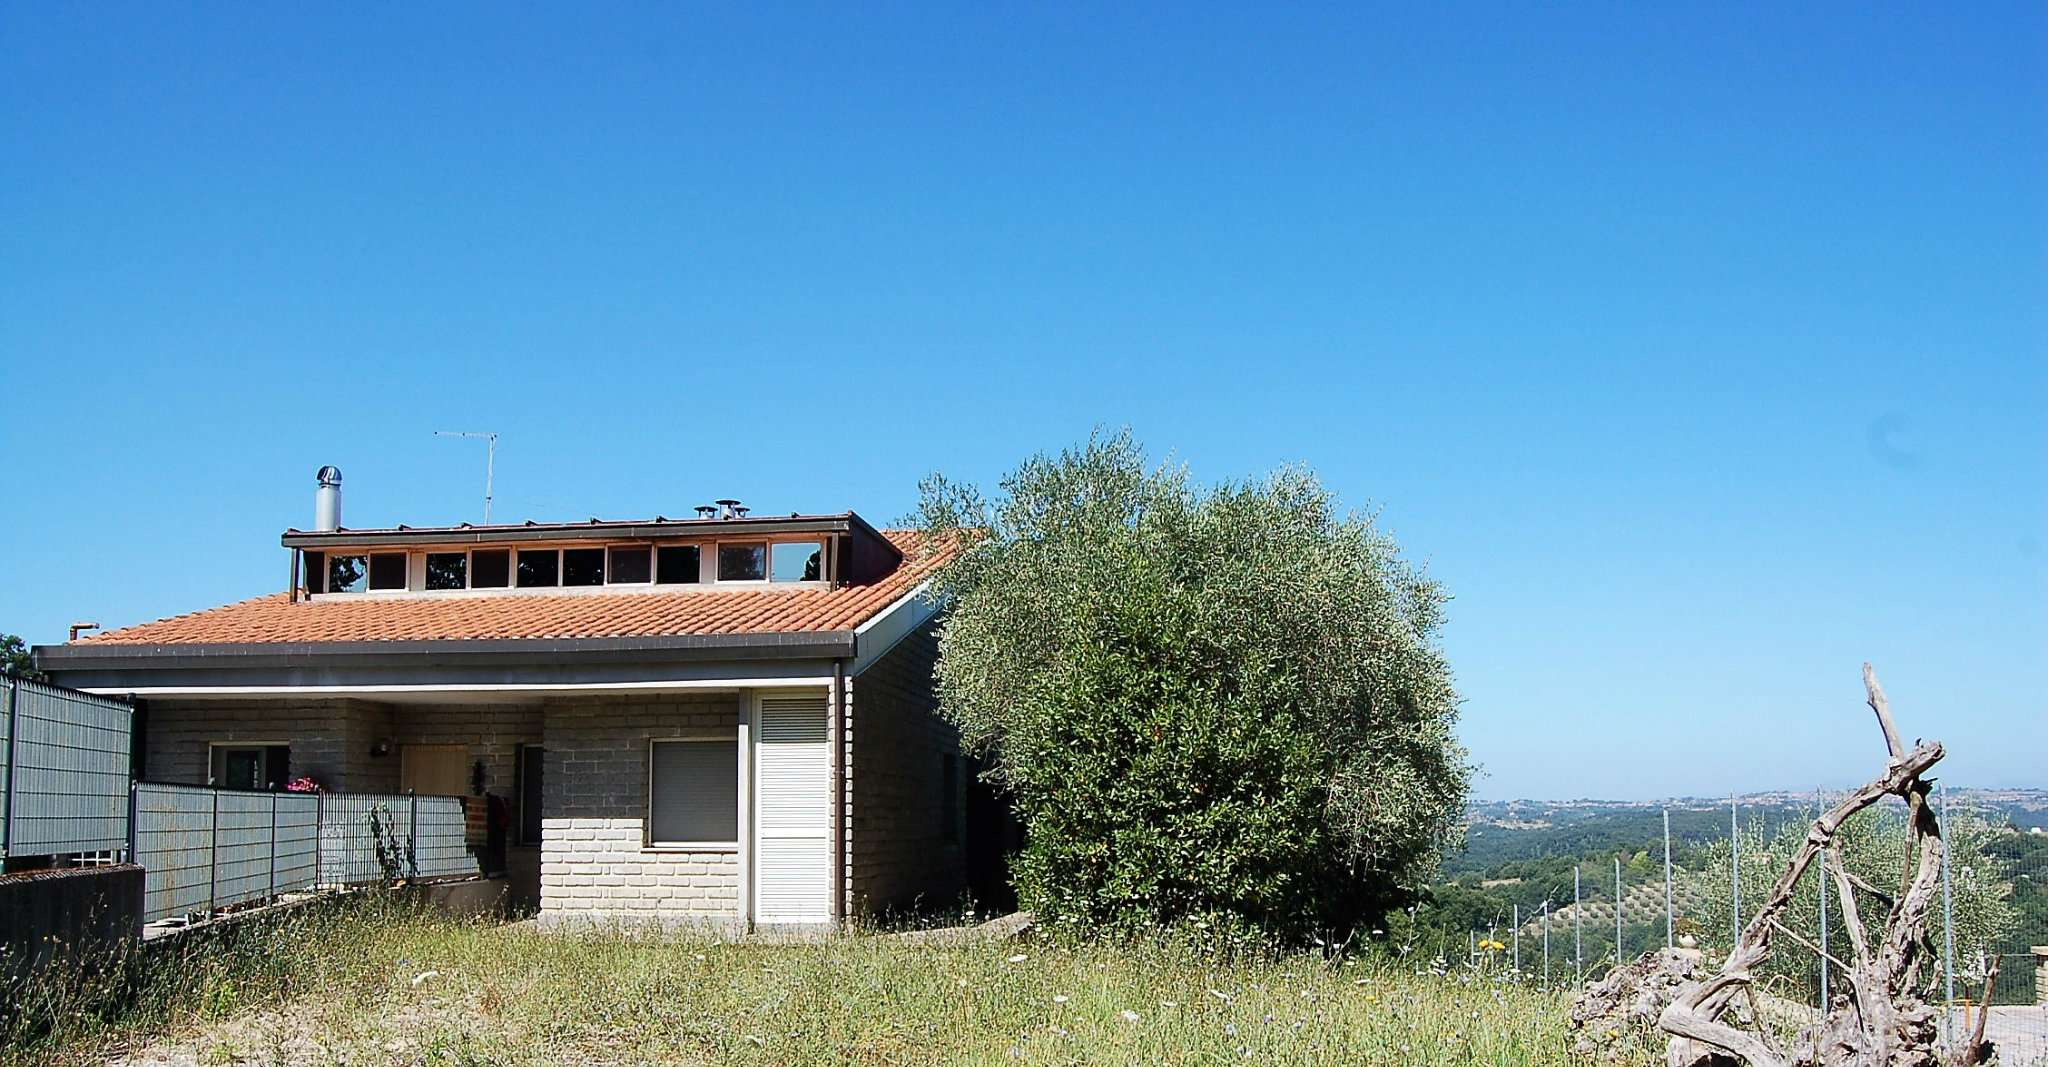 Villa in vendita a Fiano Romano, 6 locali, prezzo € 169.000 | Cambio Casa.it